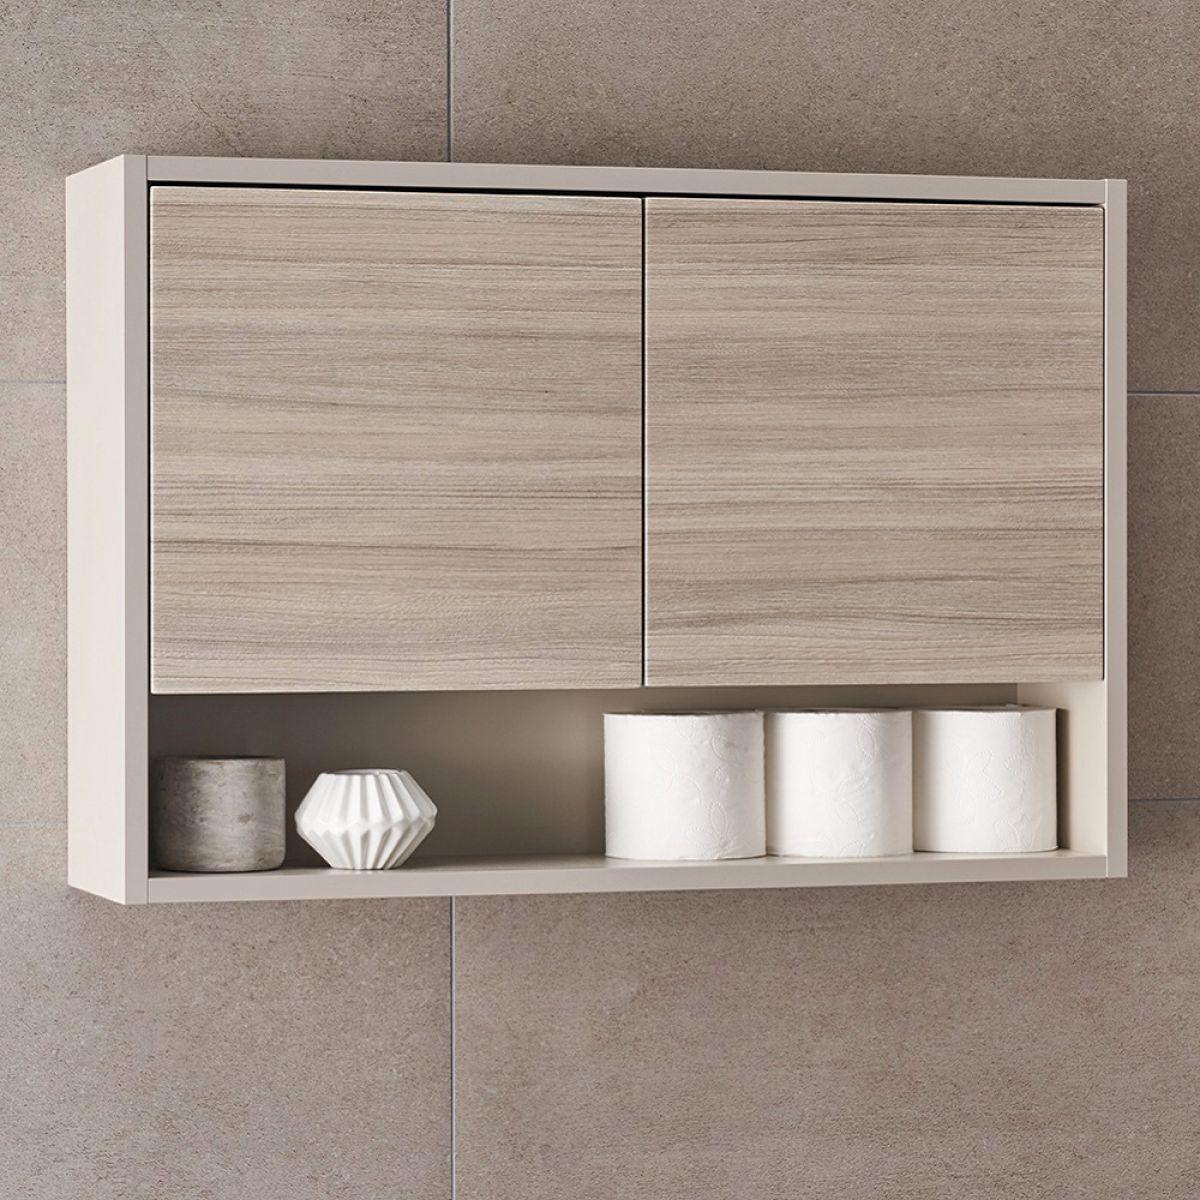 Vitra Integra Upper Wall Cabinet Uk Bathrooms